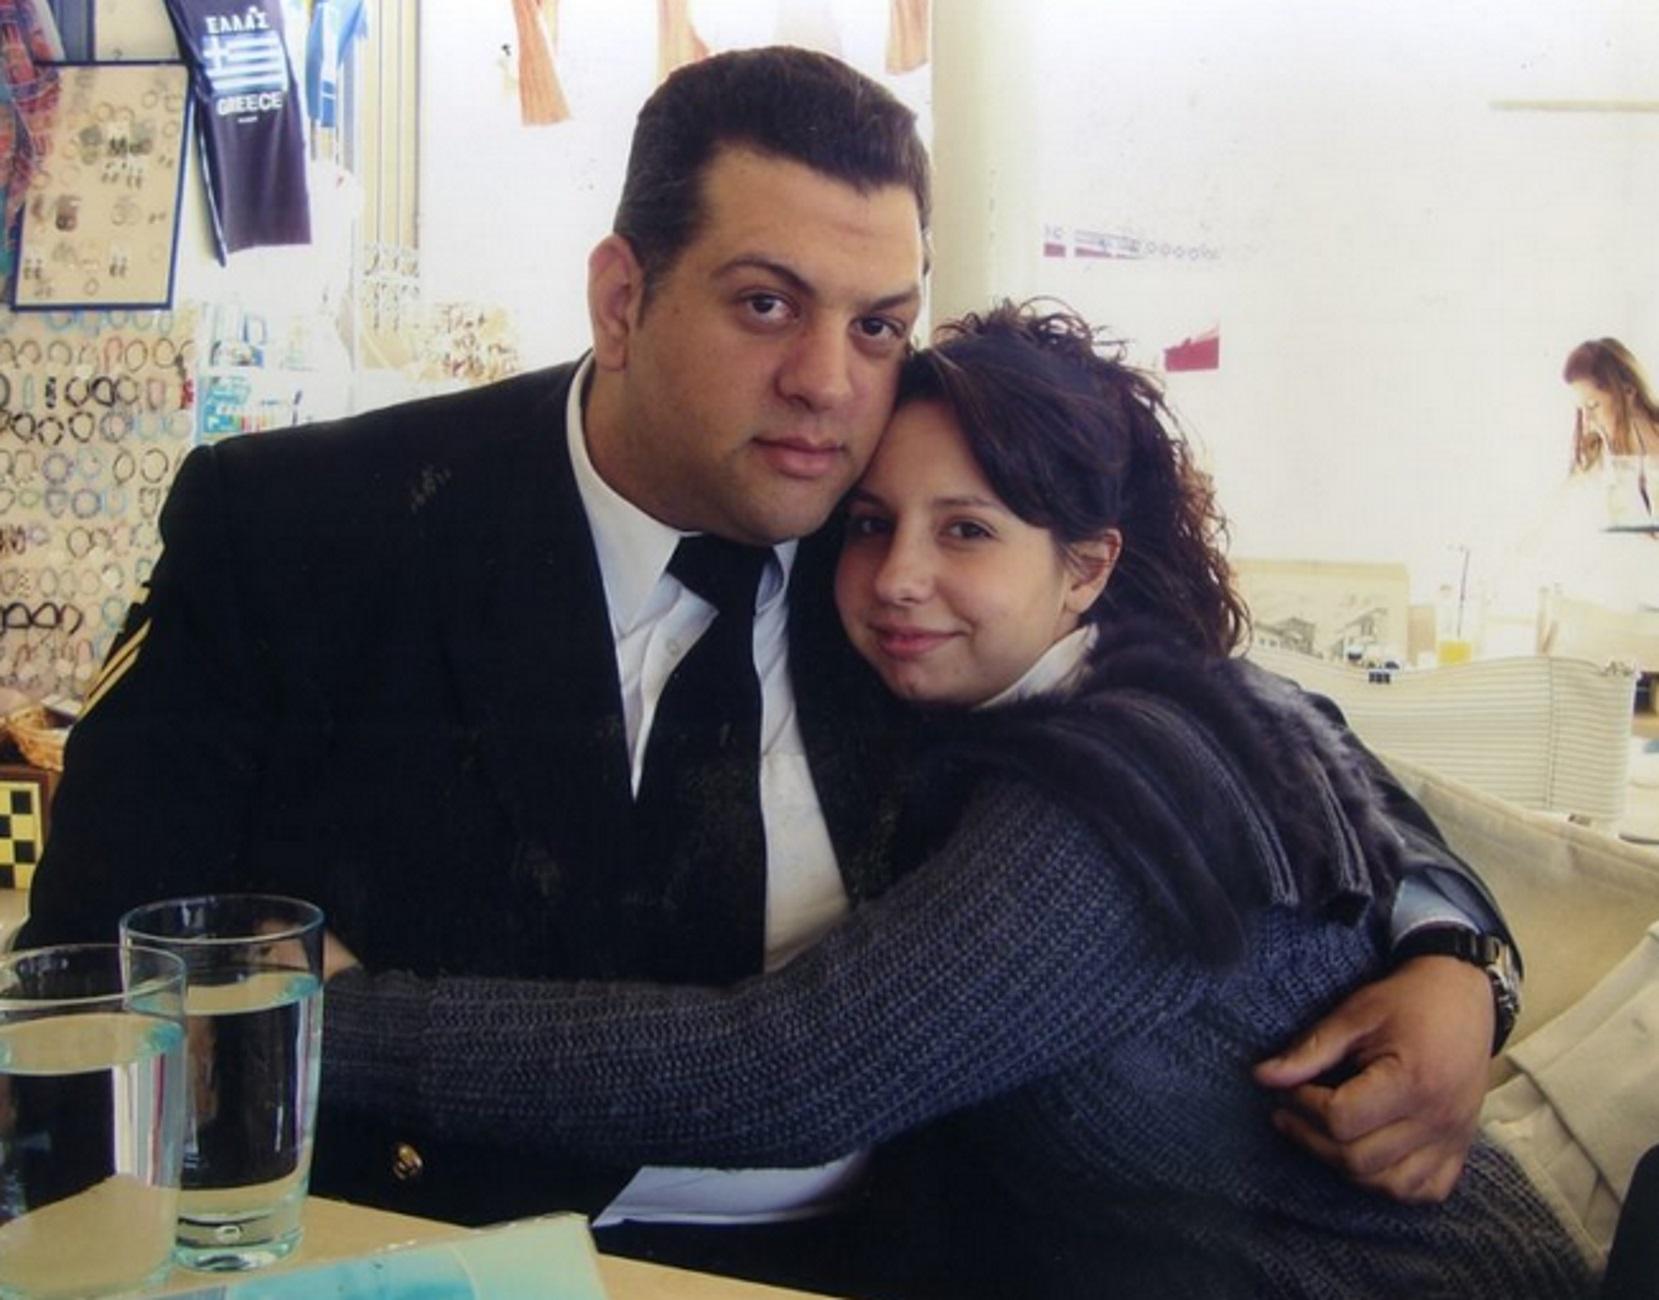 Σαλαμίνα: Σκότωσαν το ζευγάρι και επέστρεψαν για να δουλέψουν στο μπαρ – Νέα τροπή στο έγκλημα